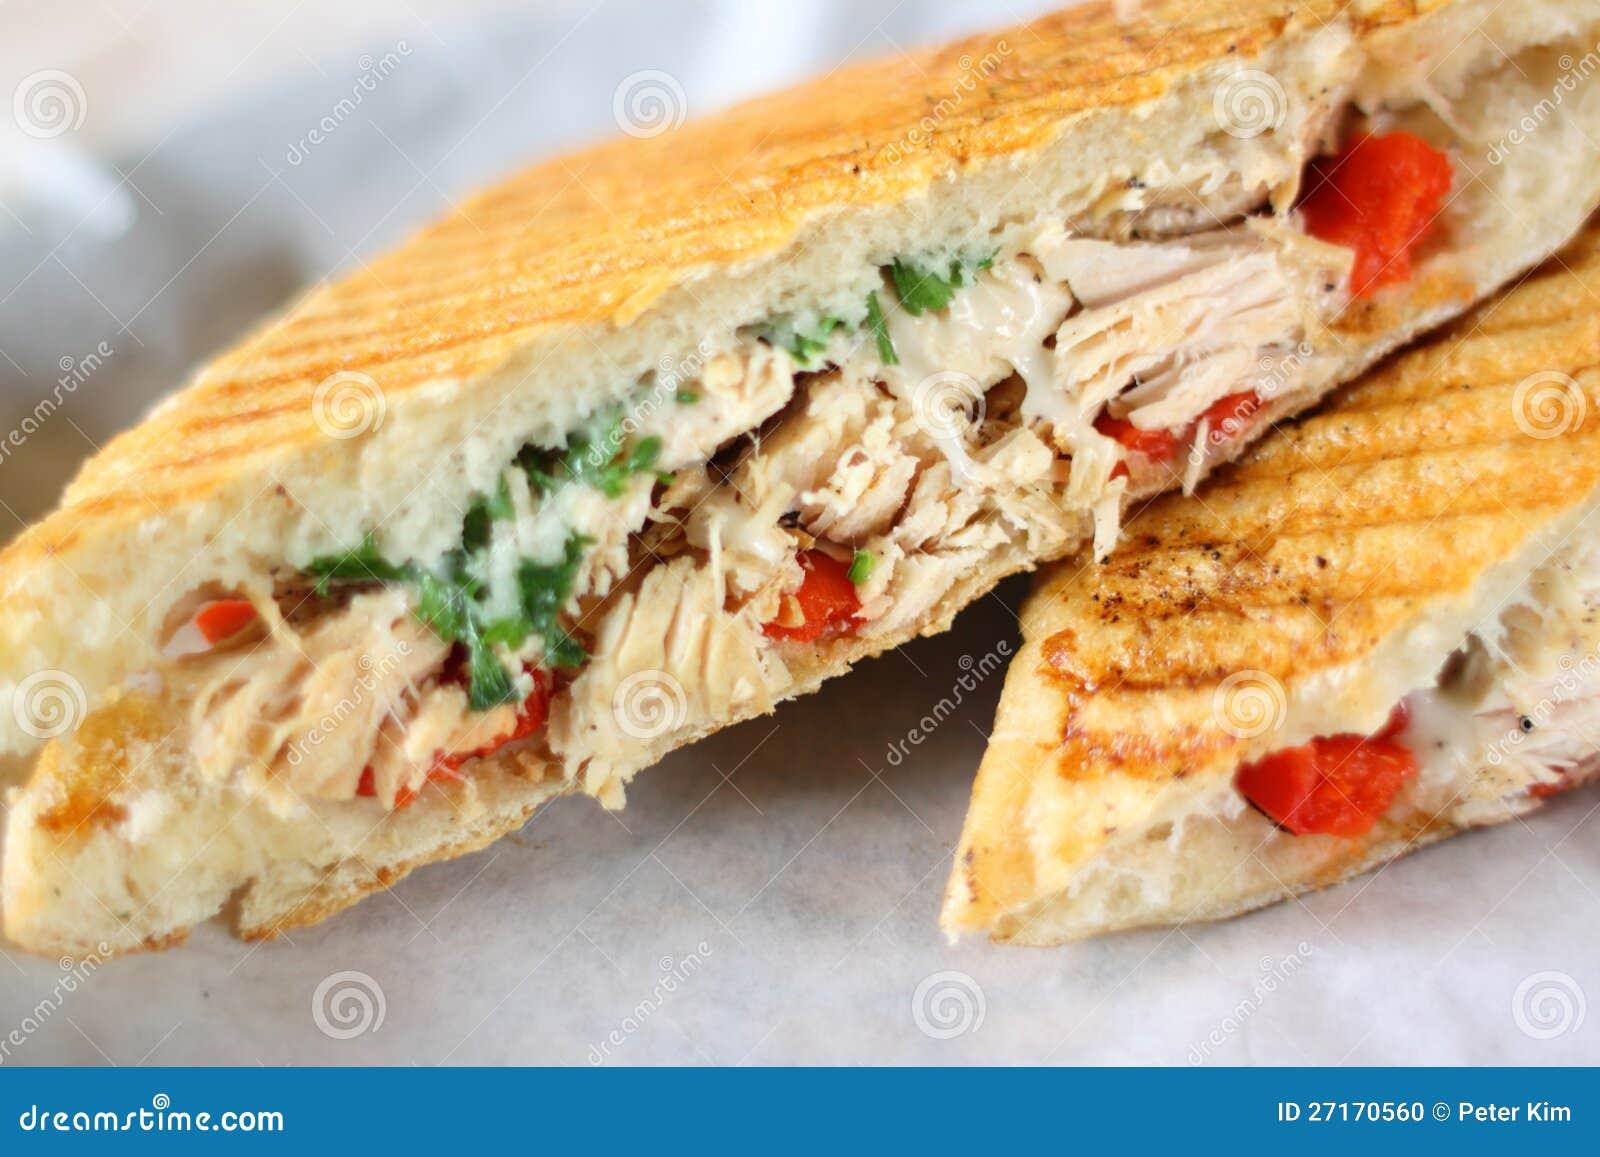 Grilled Chicken Sandwich Food Network